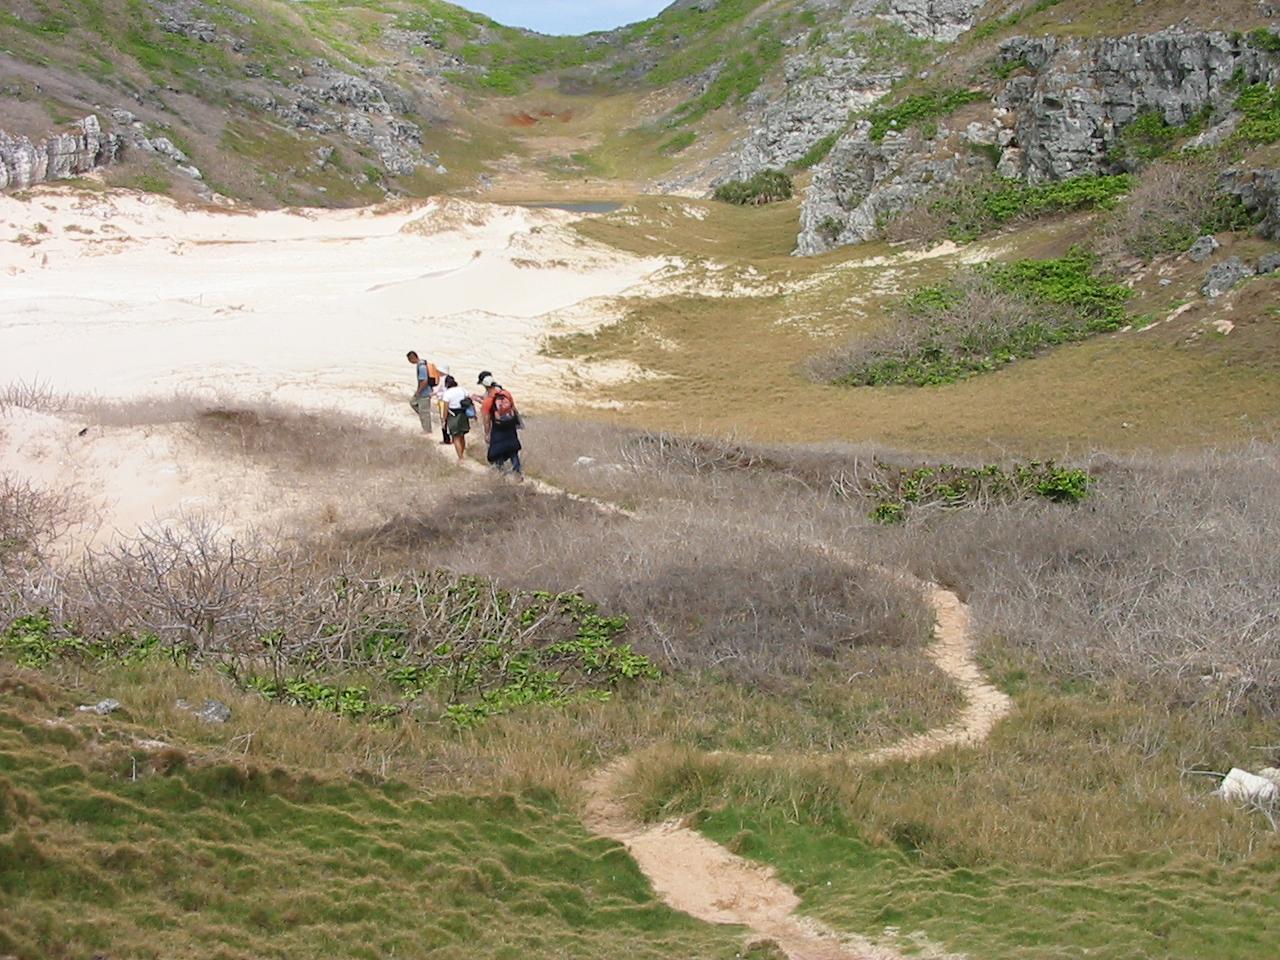 人が歩き、小径ができ、芝生の裸地化が進む